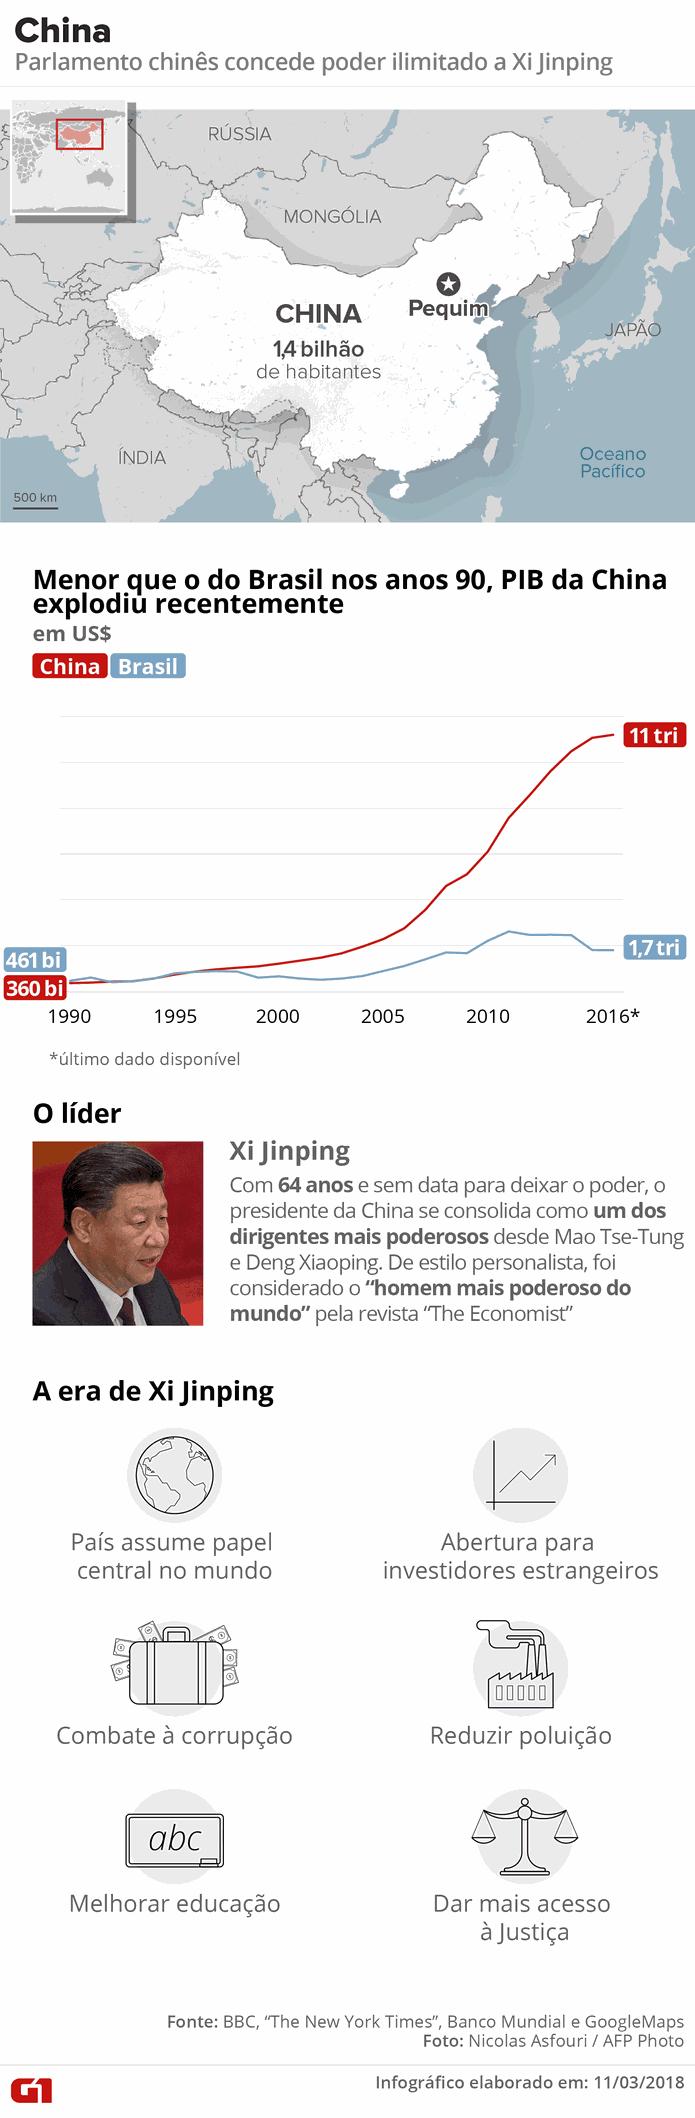 Xi Jinping ganha o direito de ter cargo vitalício (Foto: Igor Estrella/Arte G1)